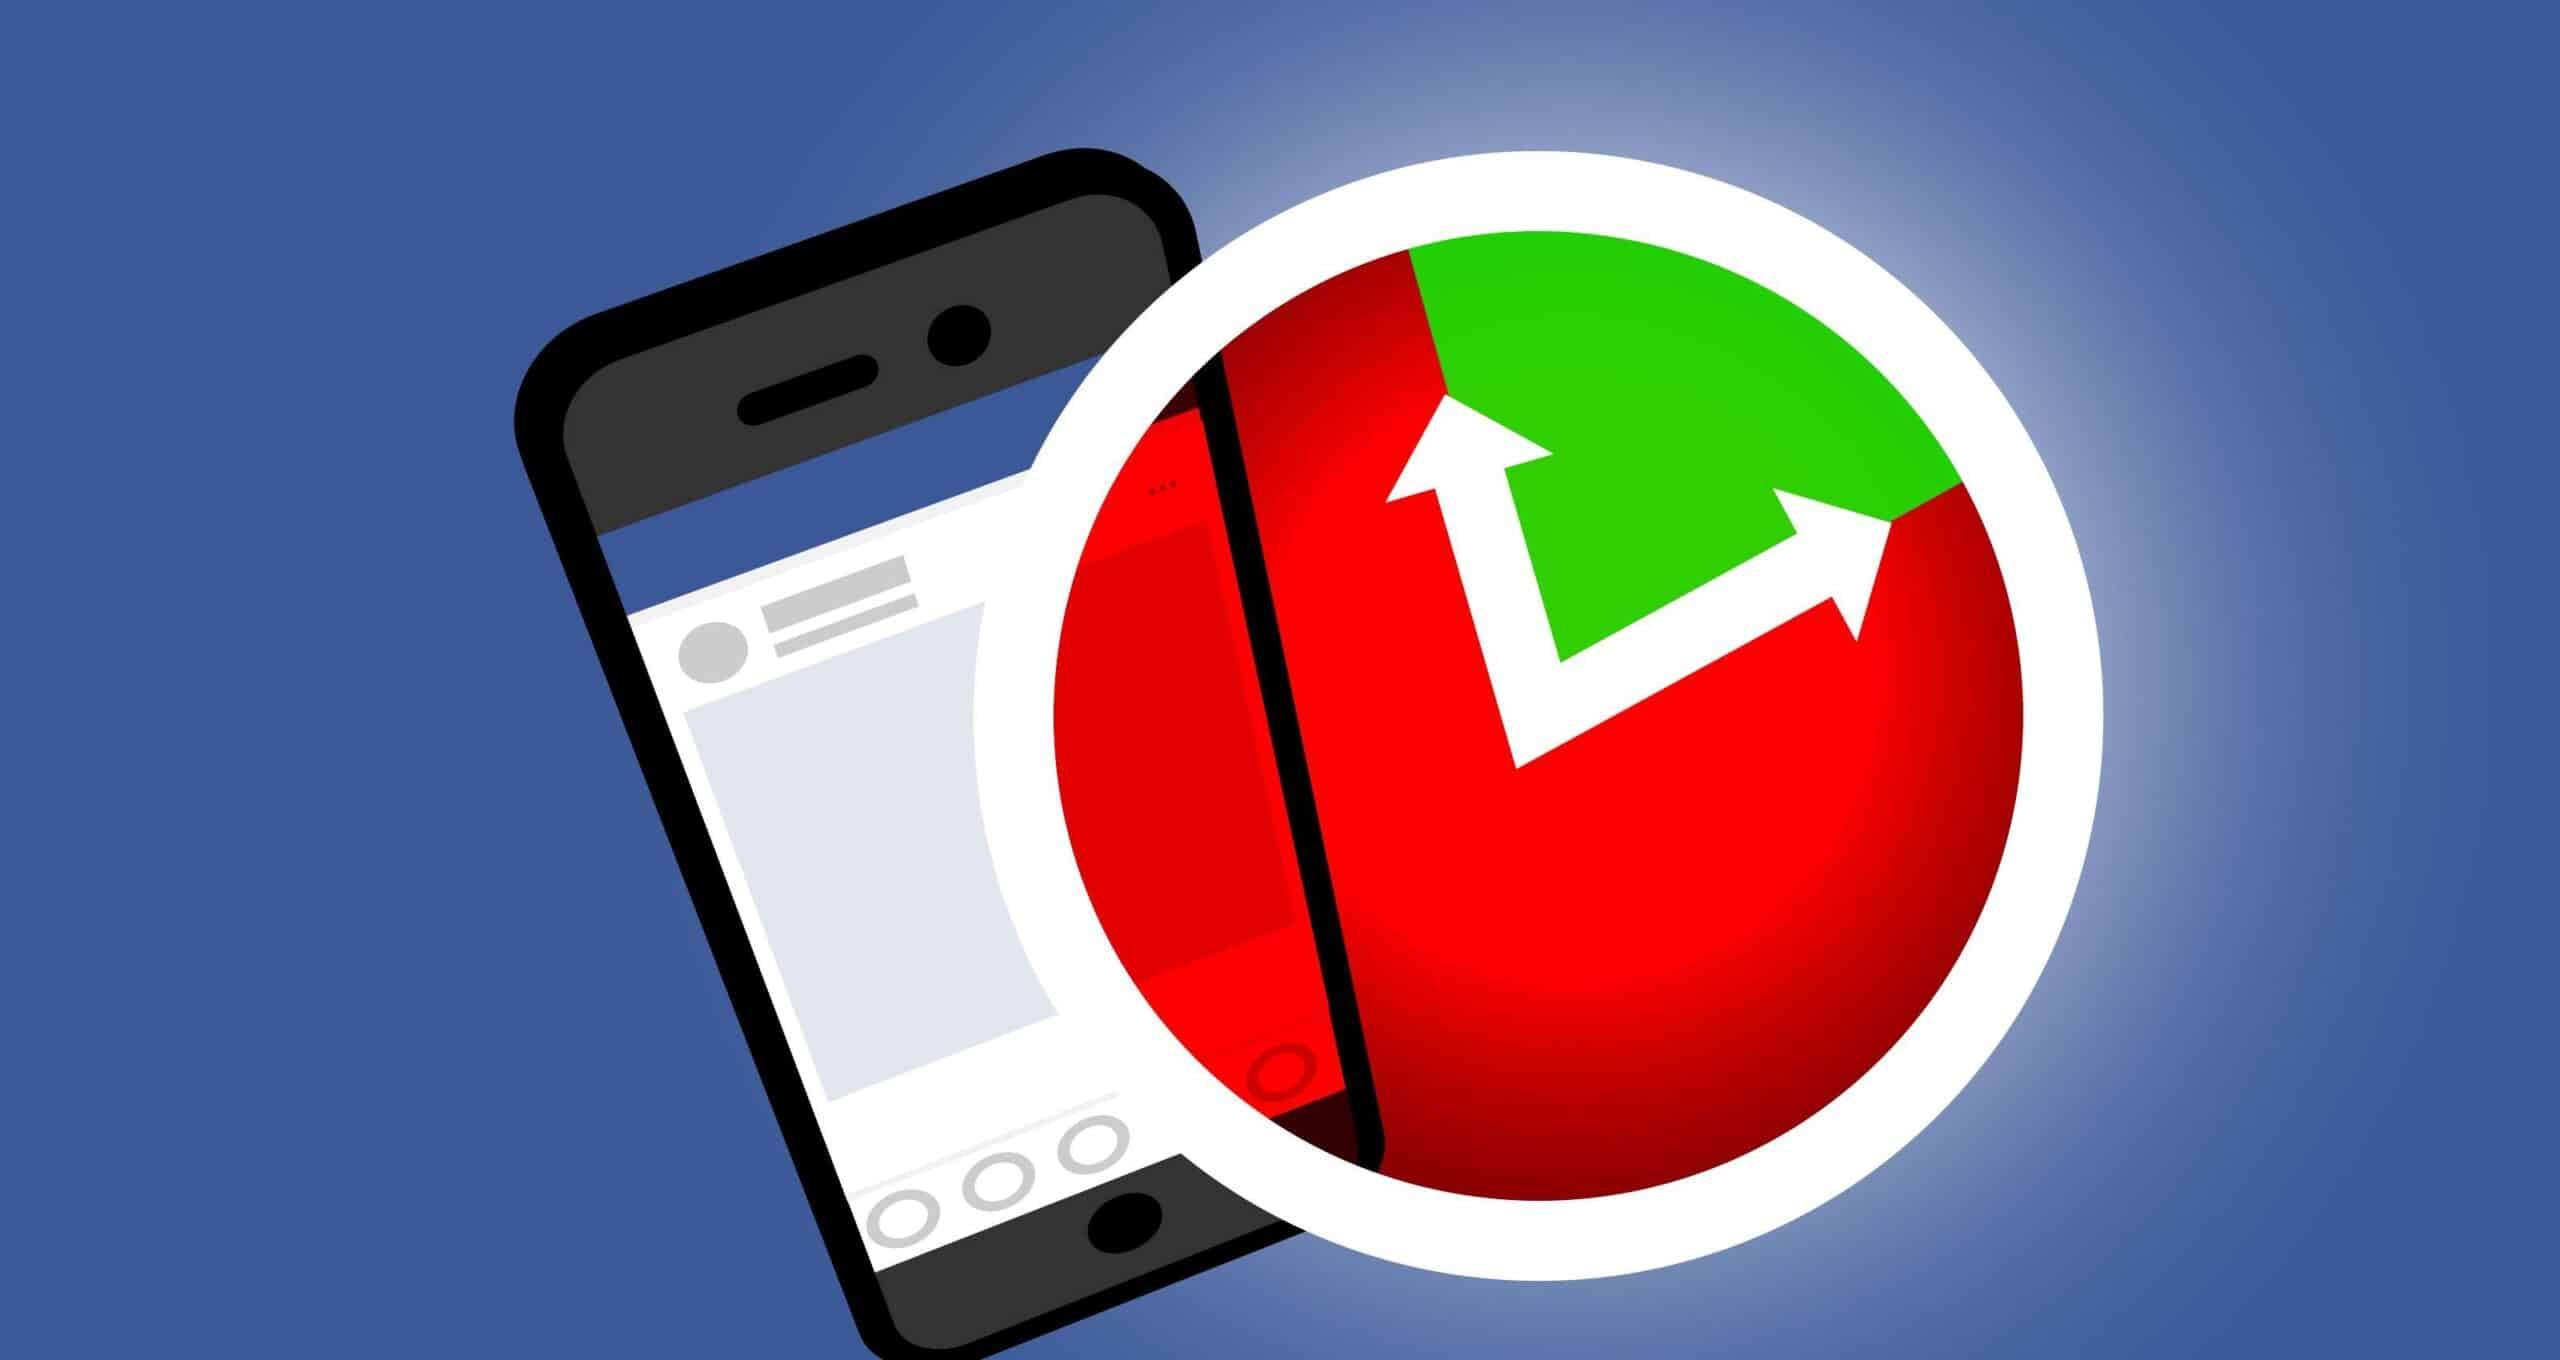 Facebook-Screen-Time-001 حساب الوقت الذي تقضيه على فيس بوك و انستقرام والتقليل من الإدمان عليهما